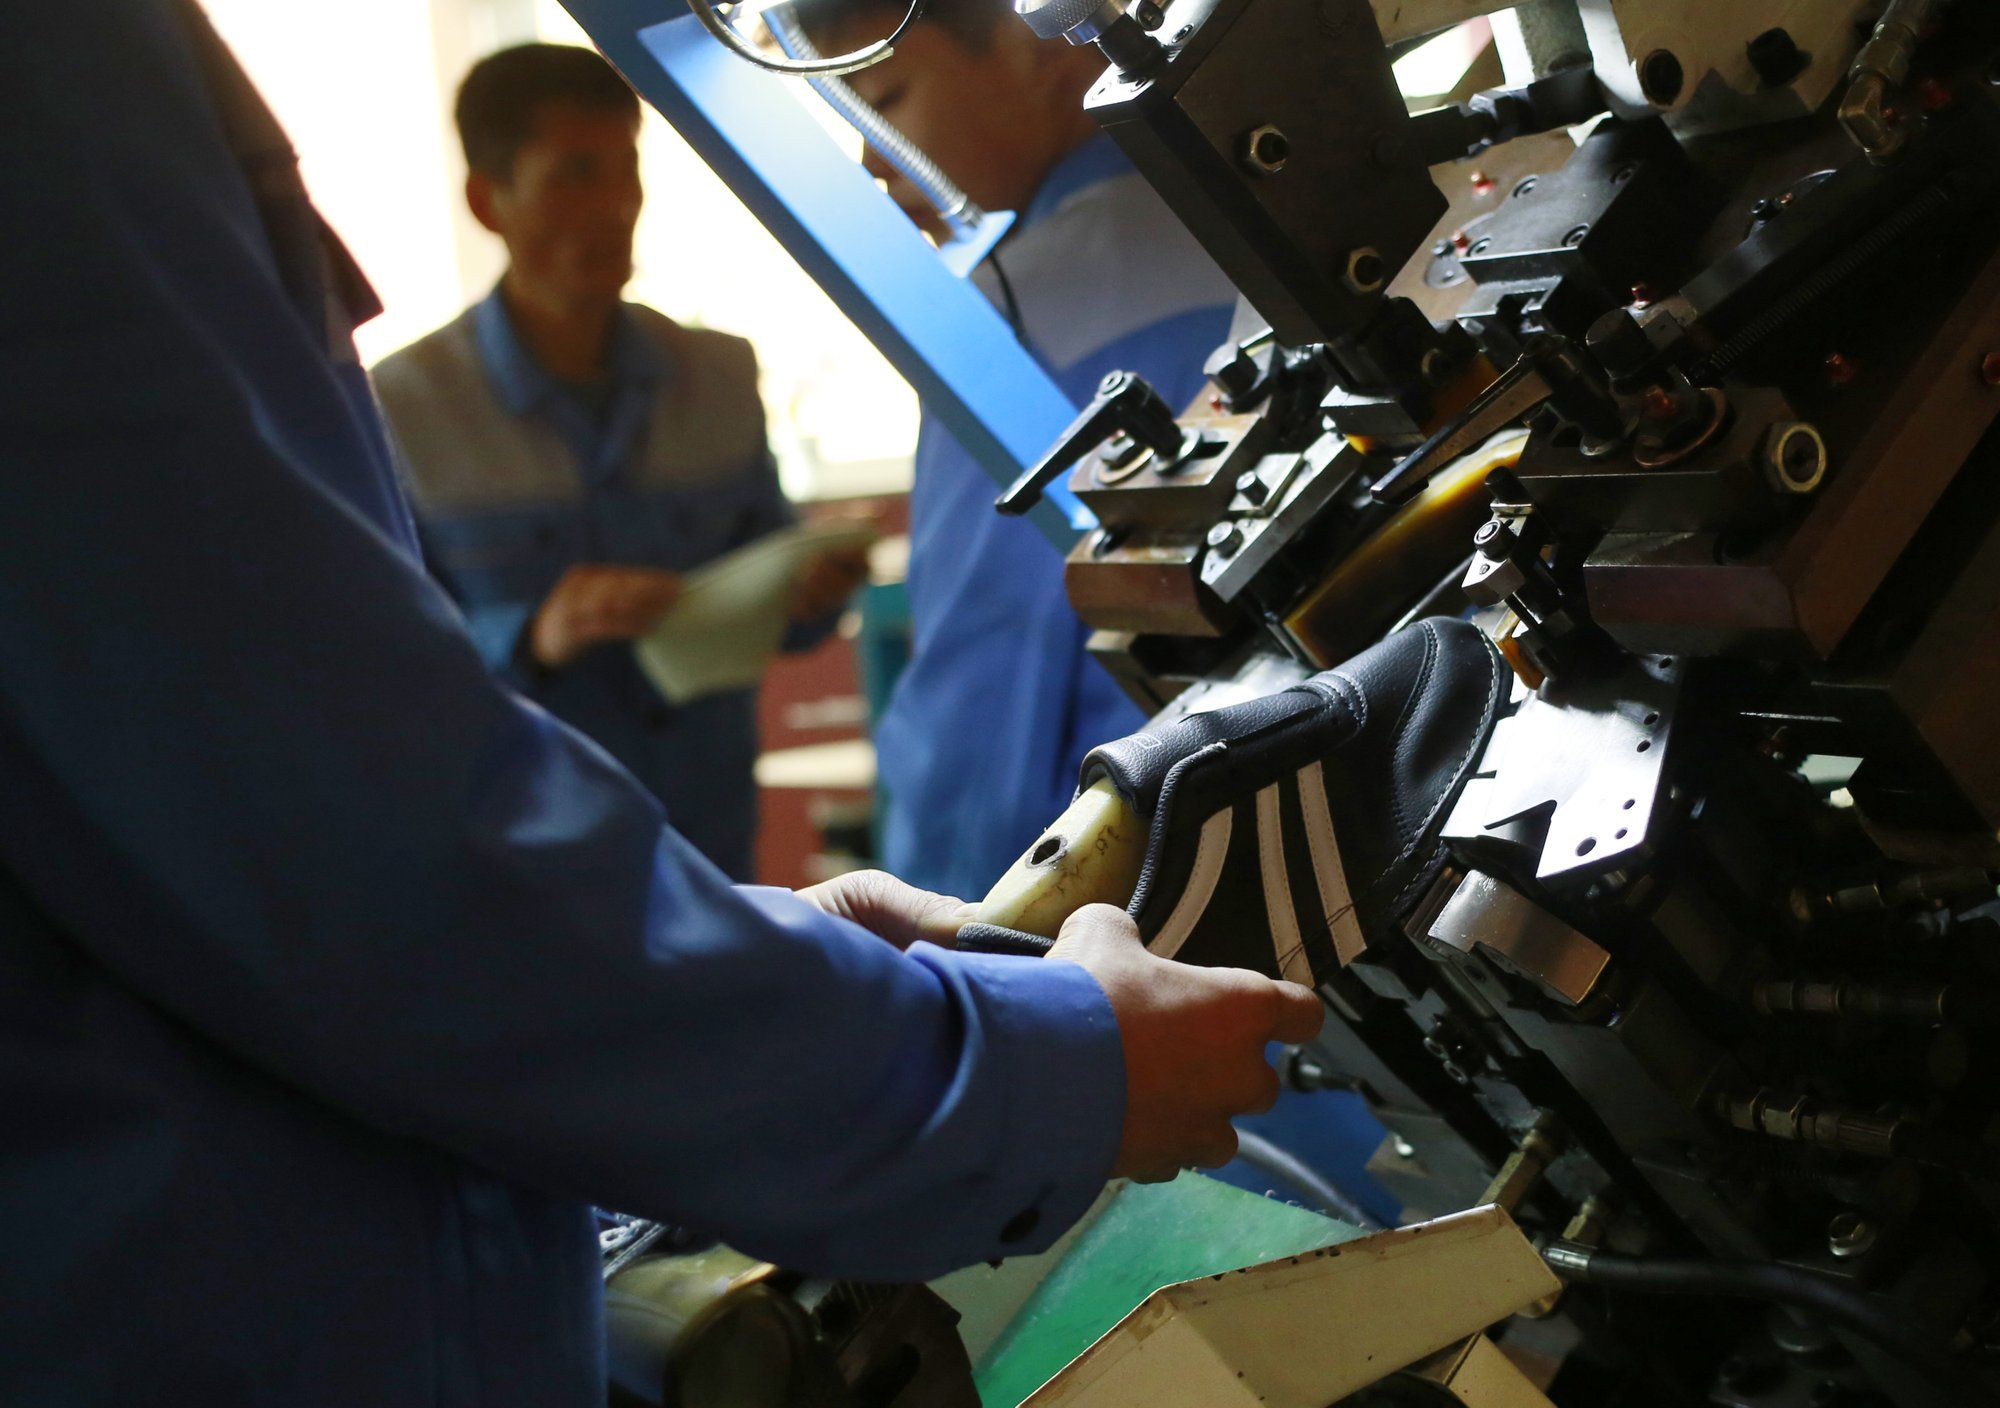 越南鞋厂百人中毒是什么原因?越南鞋厂百人中毒令人震惊